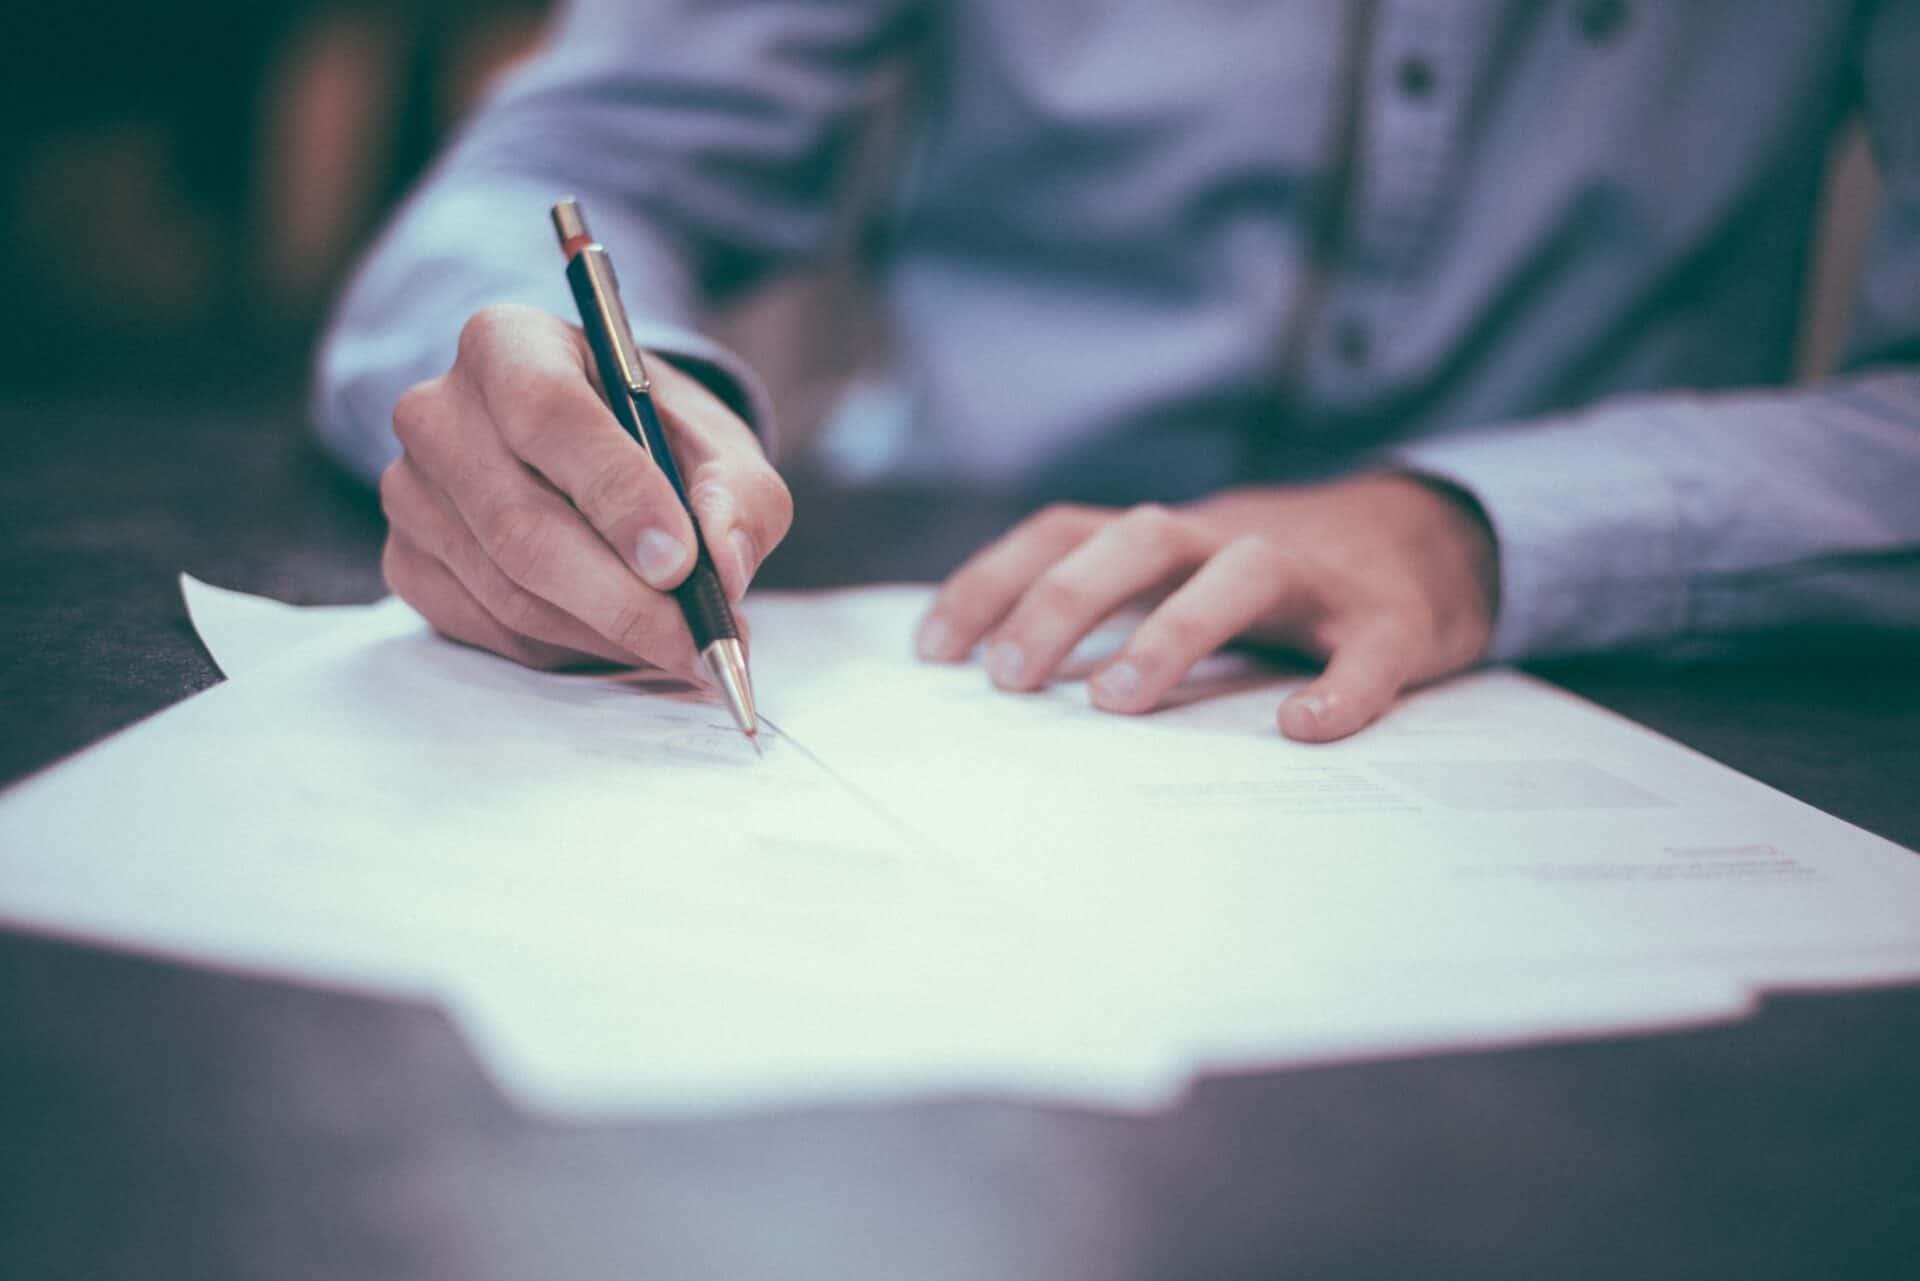 Priser på testamente, fremtidsfuldmagt og samejeoverenskomst